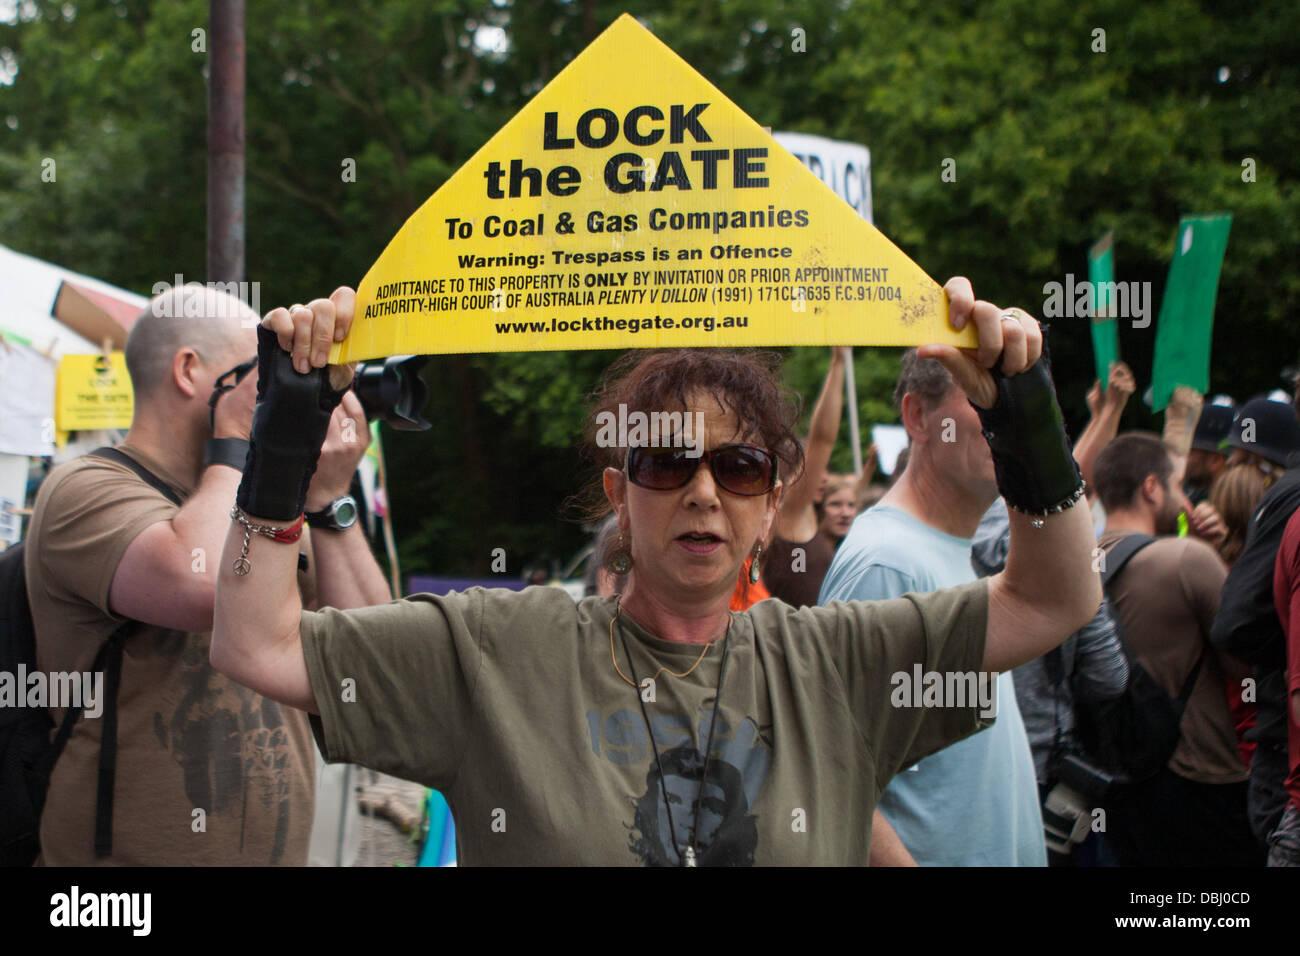 Balcombe, West Sussex, Reino Unido. El 31 de julio, 2013. Mujer sostiene aloft bloquear la puerta del letrero. Protesta contra la Cuadrilla de perforación y fracking justo en las afueras de la aldea de Balcombe en West Sussex. Balcombe, West Sussex, Reino Unido. Crédito: martyn wheatley/Alamy Live News Foto de stock